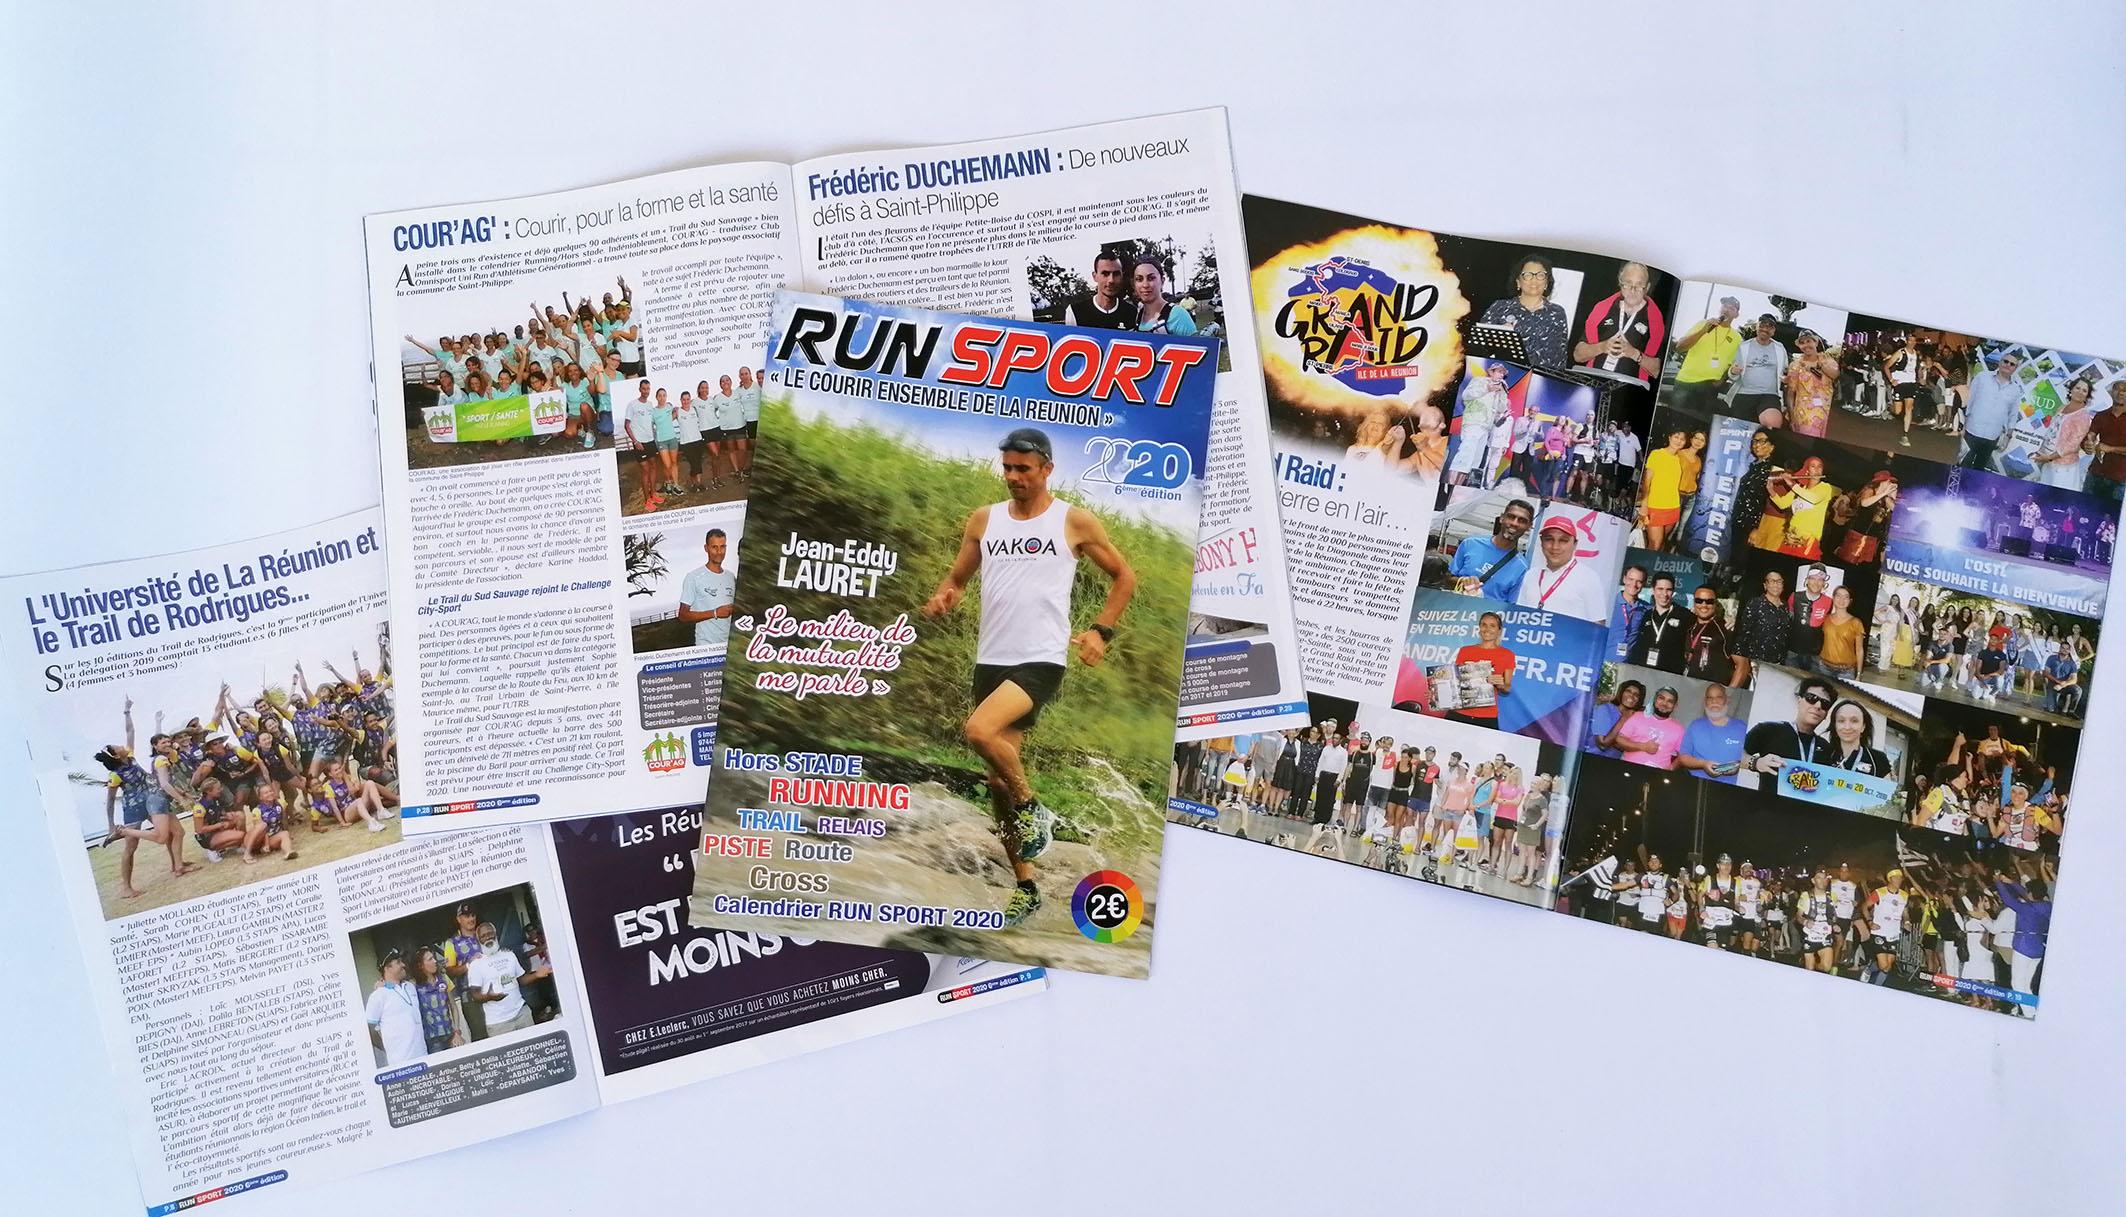 Run-Sport 2020 comporte plein d'infos sur la course à pied à La Réunion et à Maurice